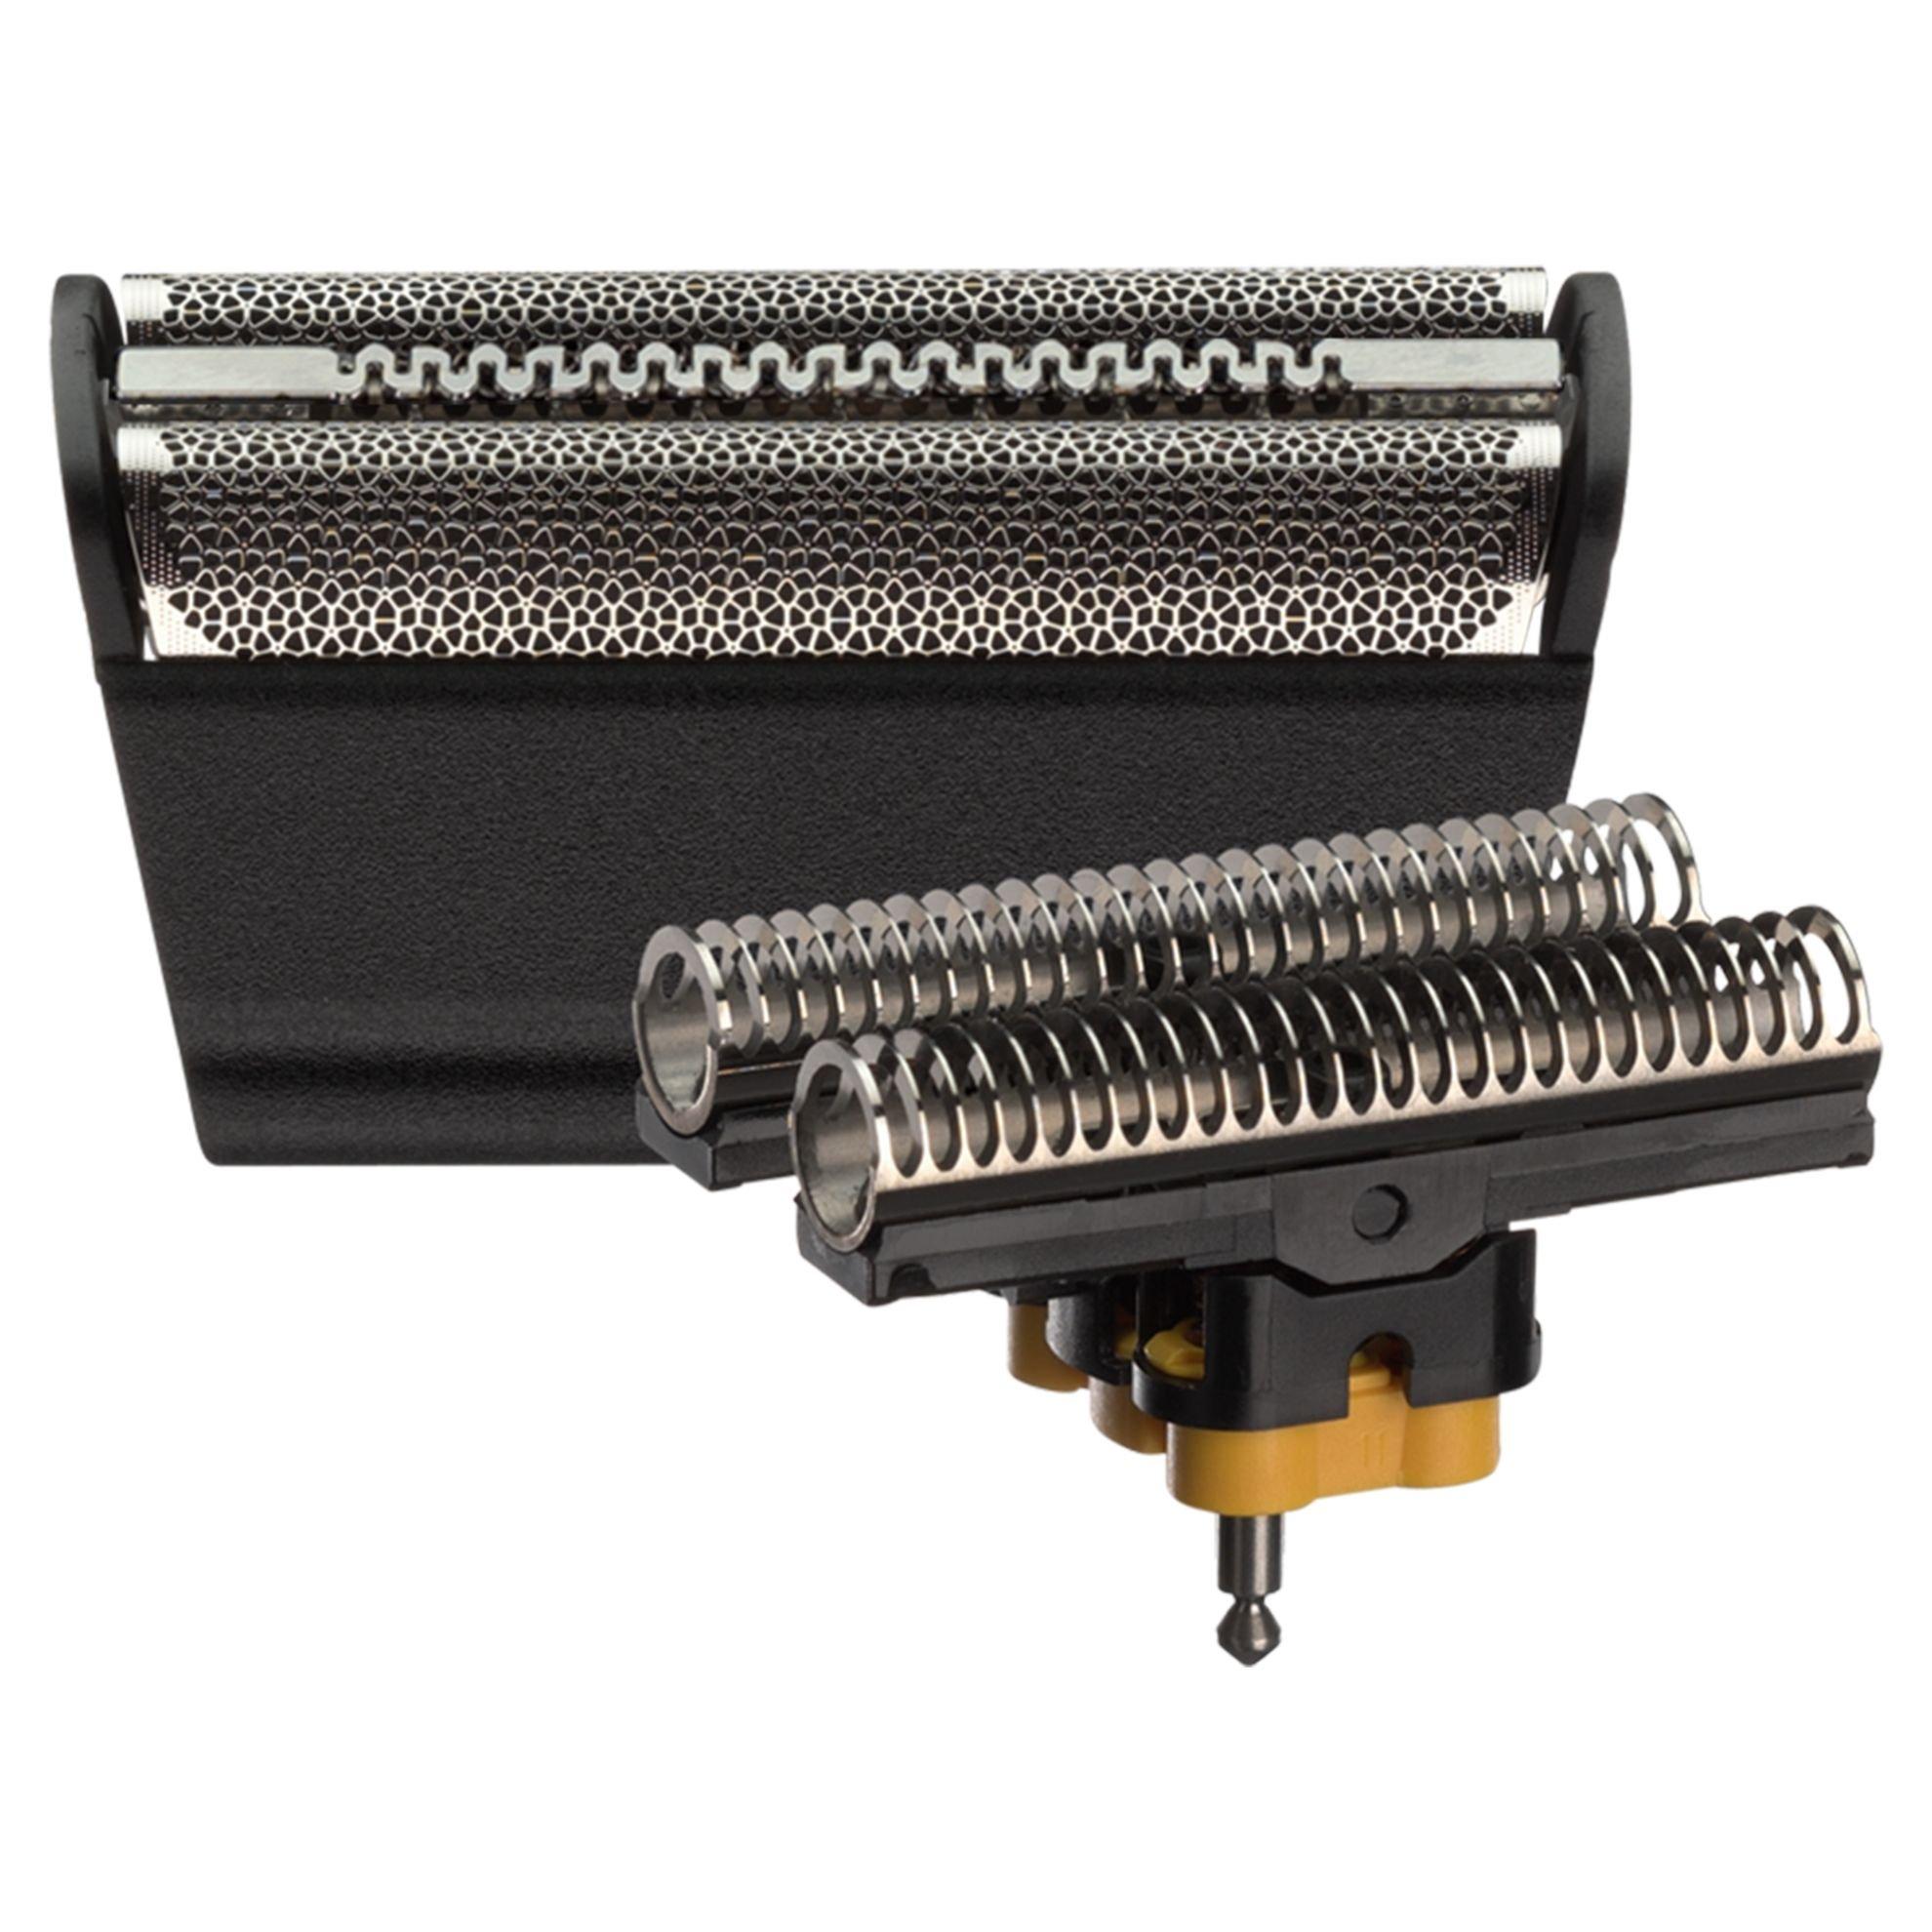 Braun 30B - Recambio para afeitadora eléctrica hombre lámina y bloque  cortante 1edb89a150e7